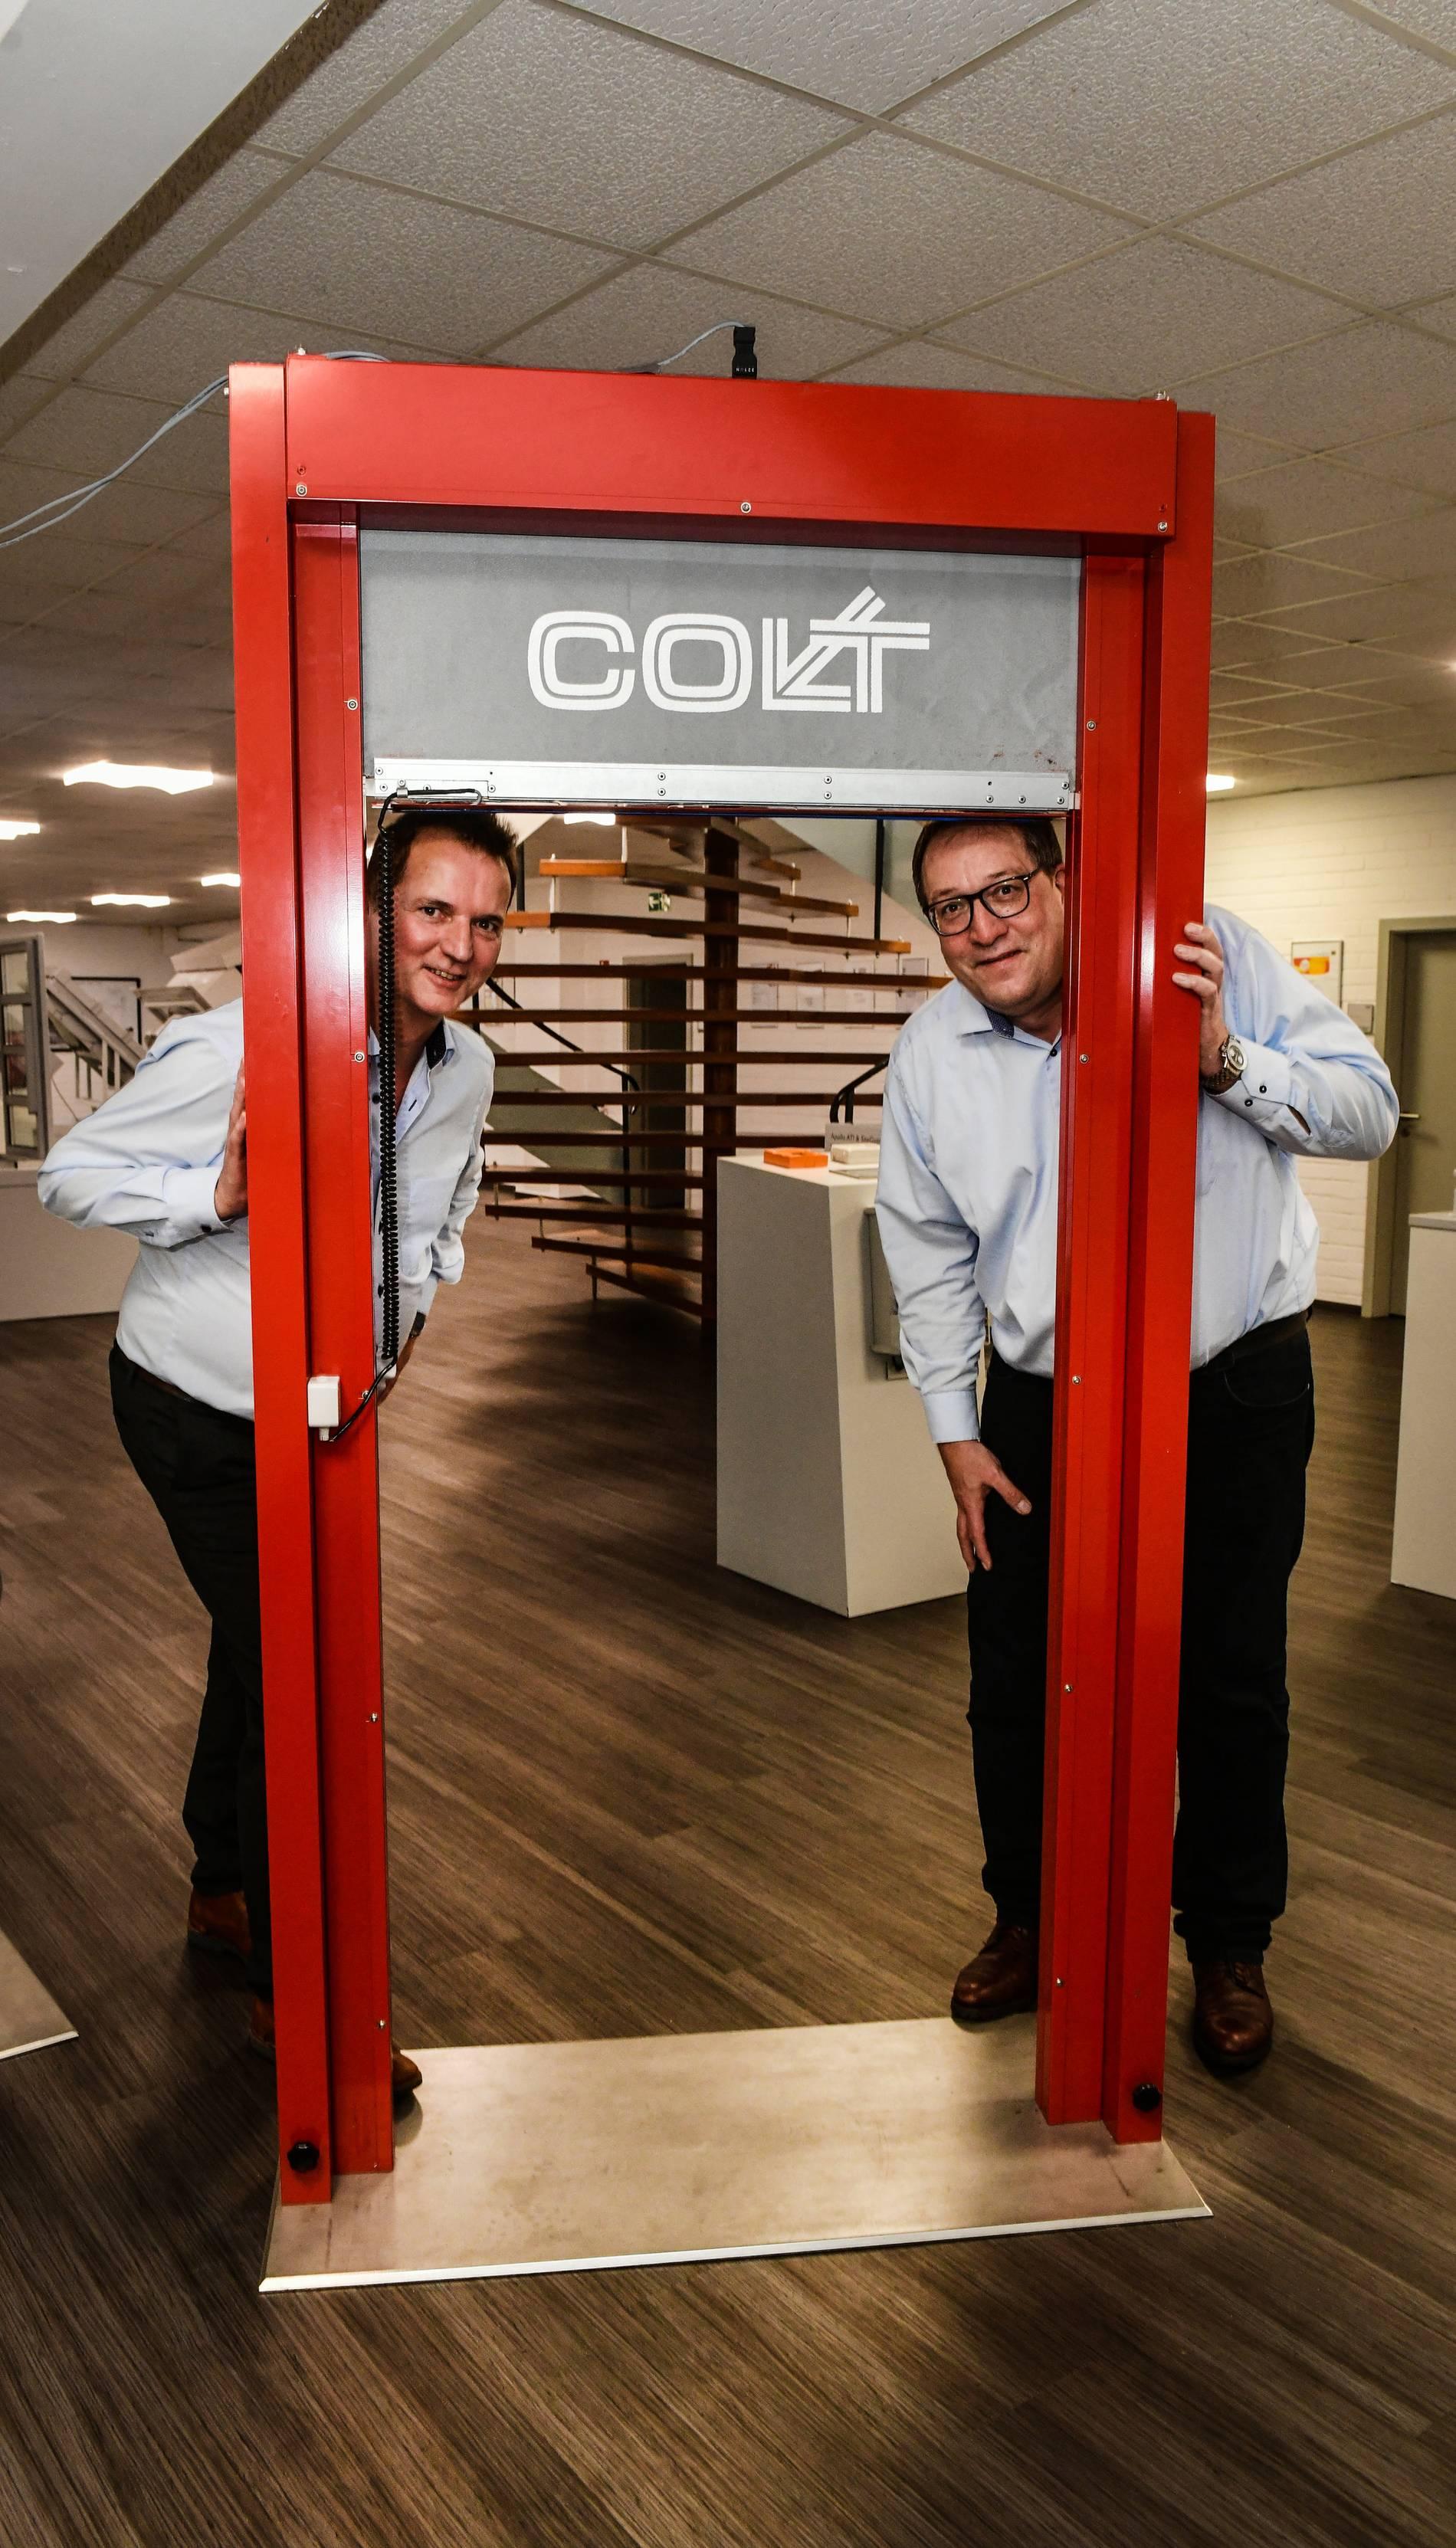 Flughafen Berlin hat dem Klever Unternehmen Colt die ...